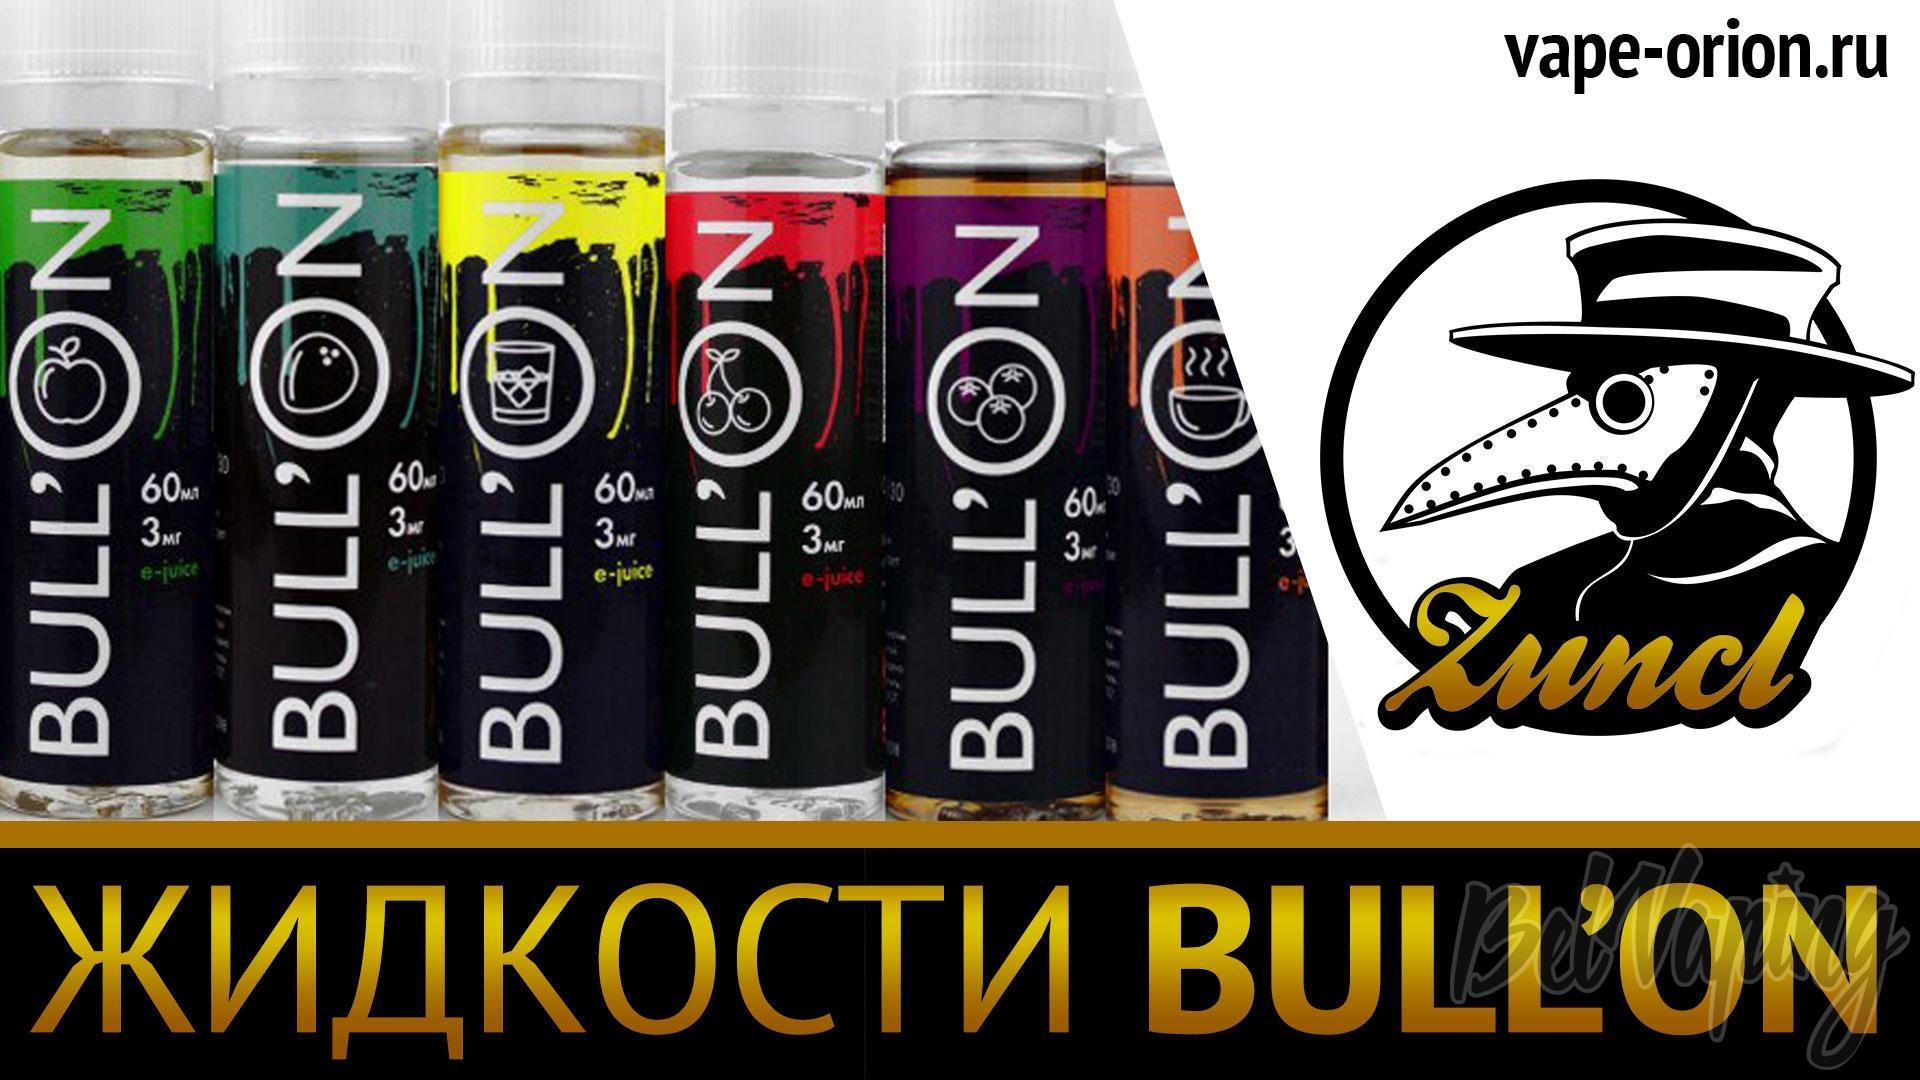 Обзор жидкости для вейпинга BULL'ON